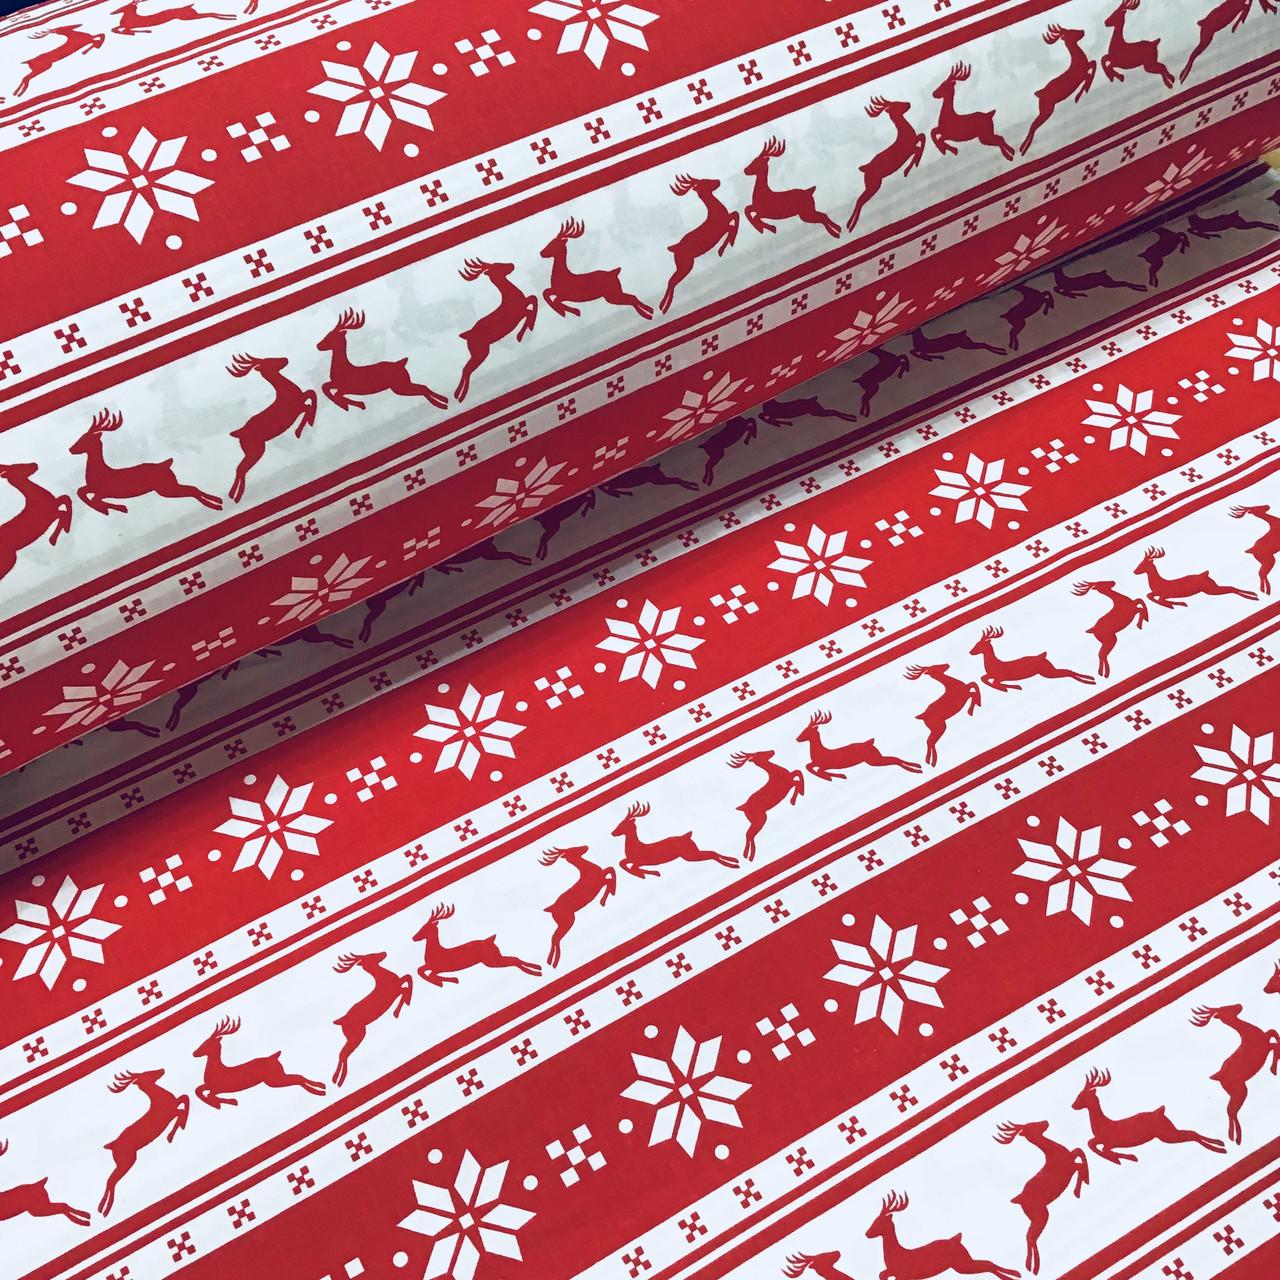 Тканина бавовняна новорічна, олені і сніжинки на червоній і білій смужці